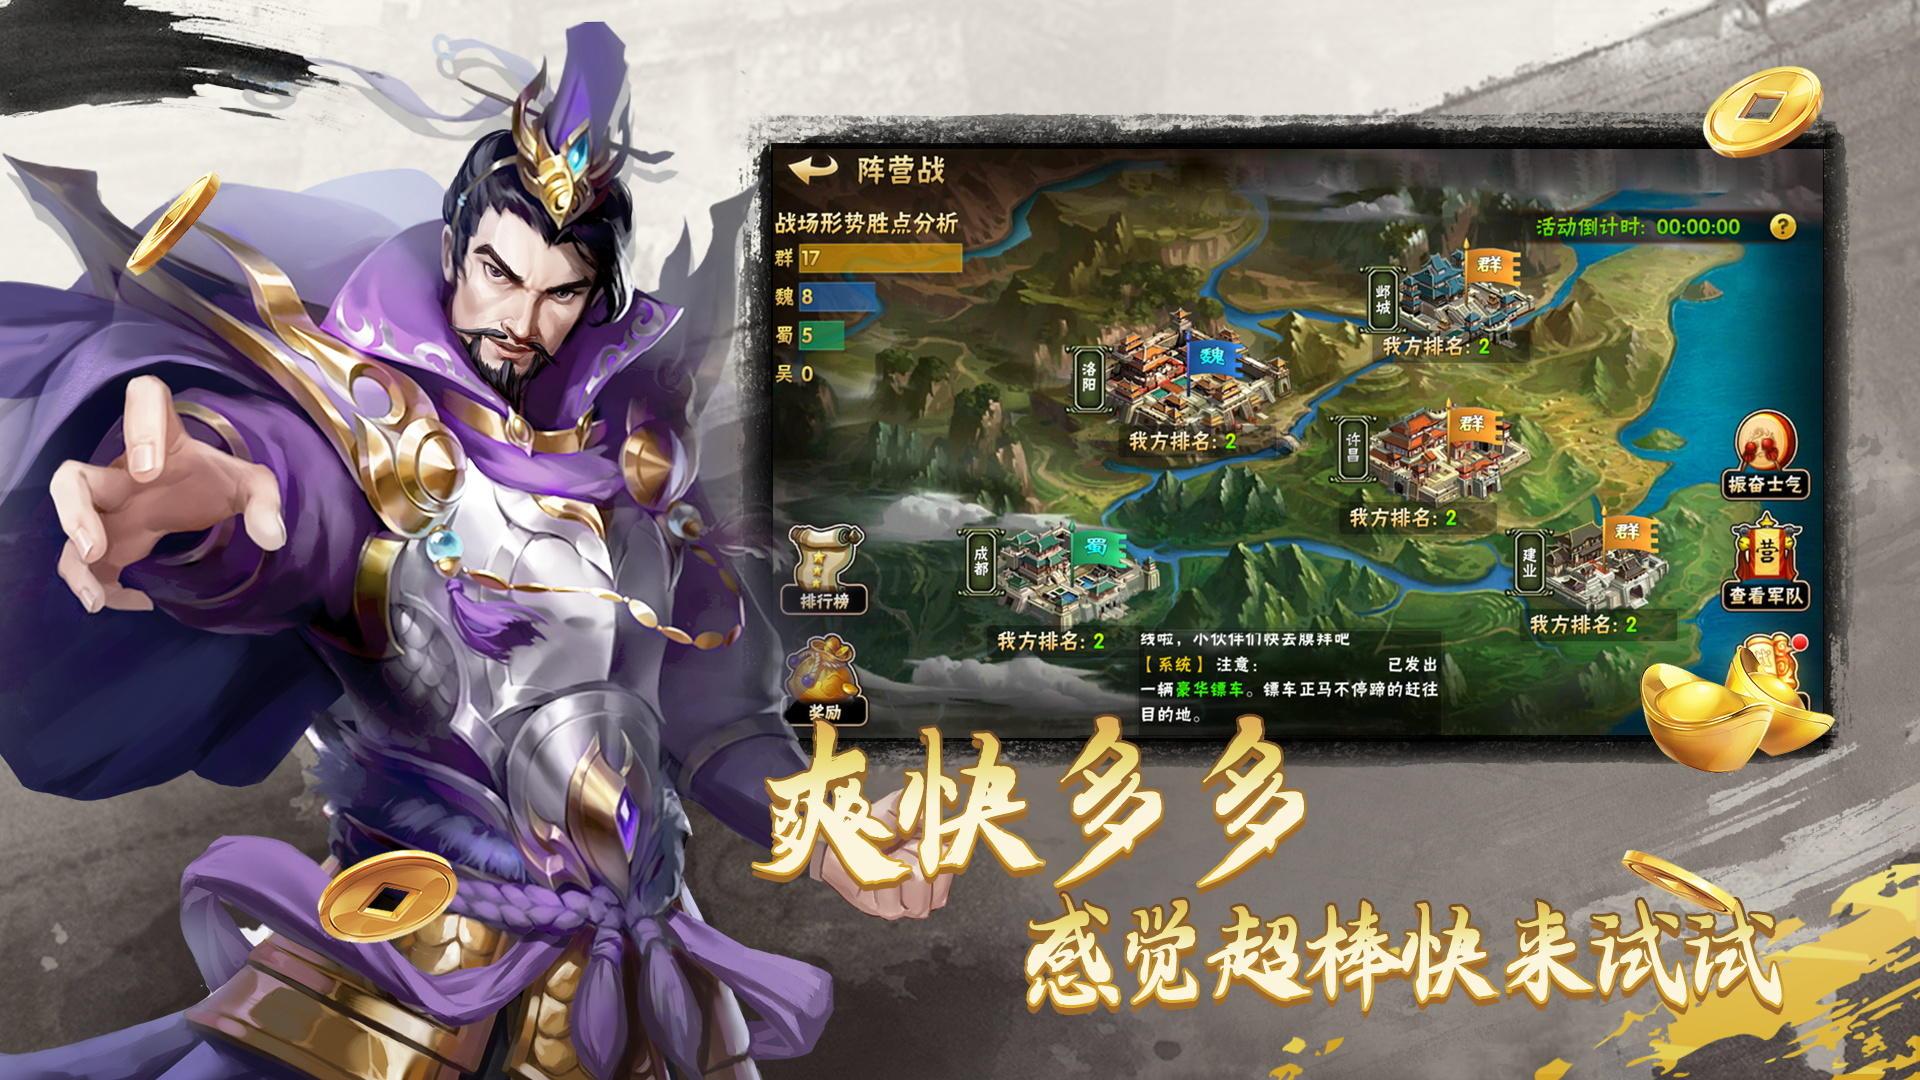 崛起:终极王者 游戏图集(4)